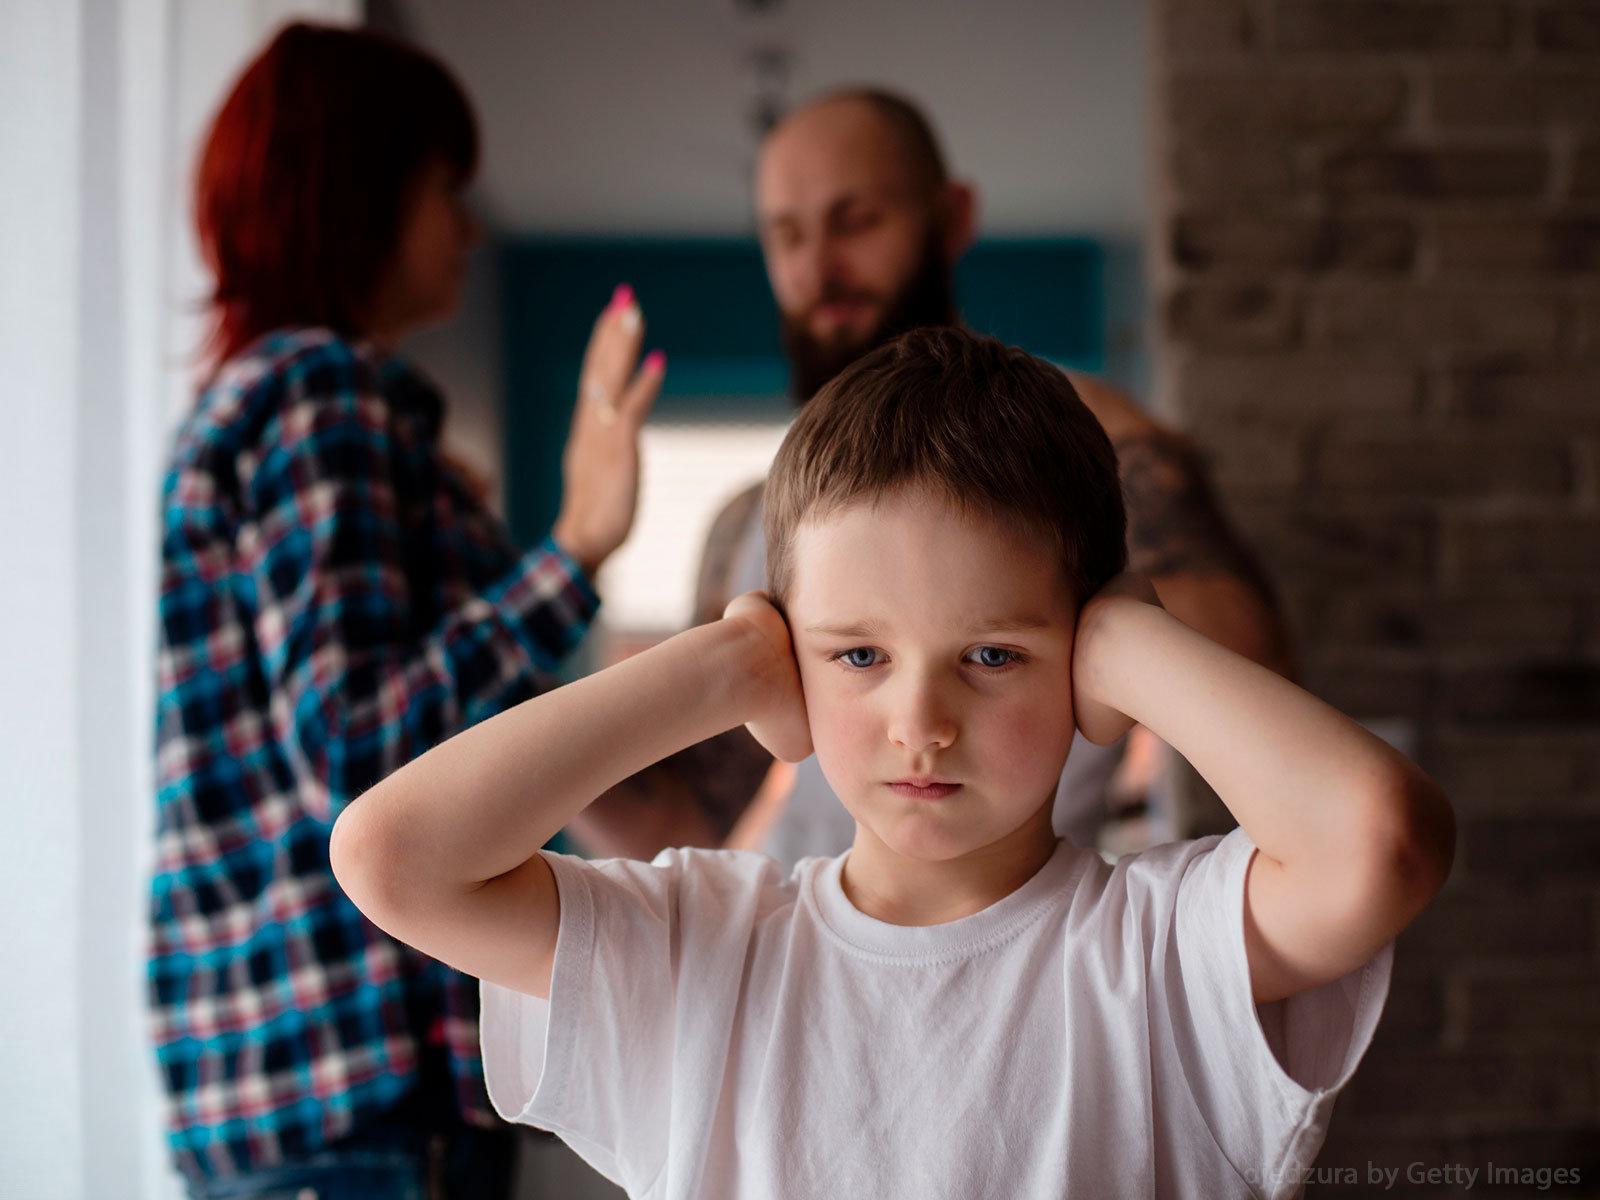 -separacao-dos-pais-e-a-dificuldade-emocional-dos-filhos